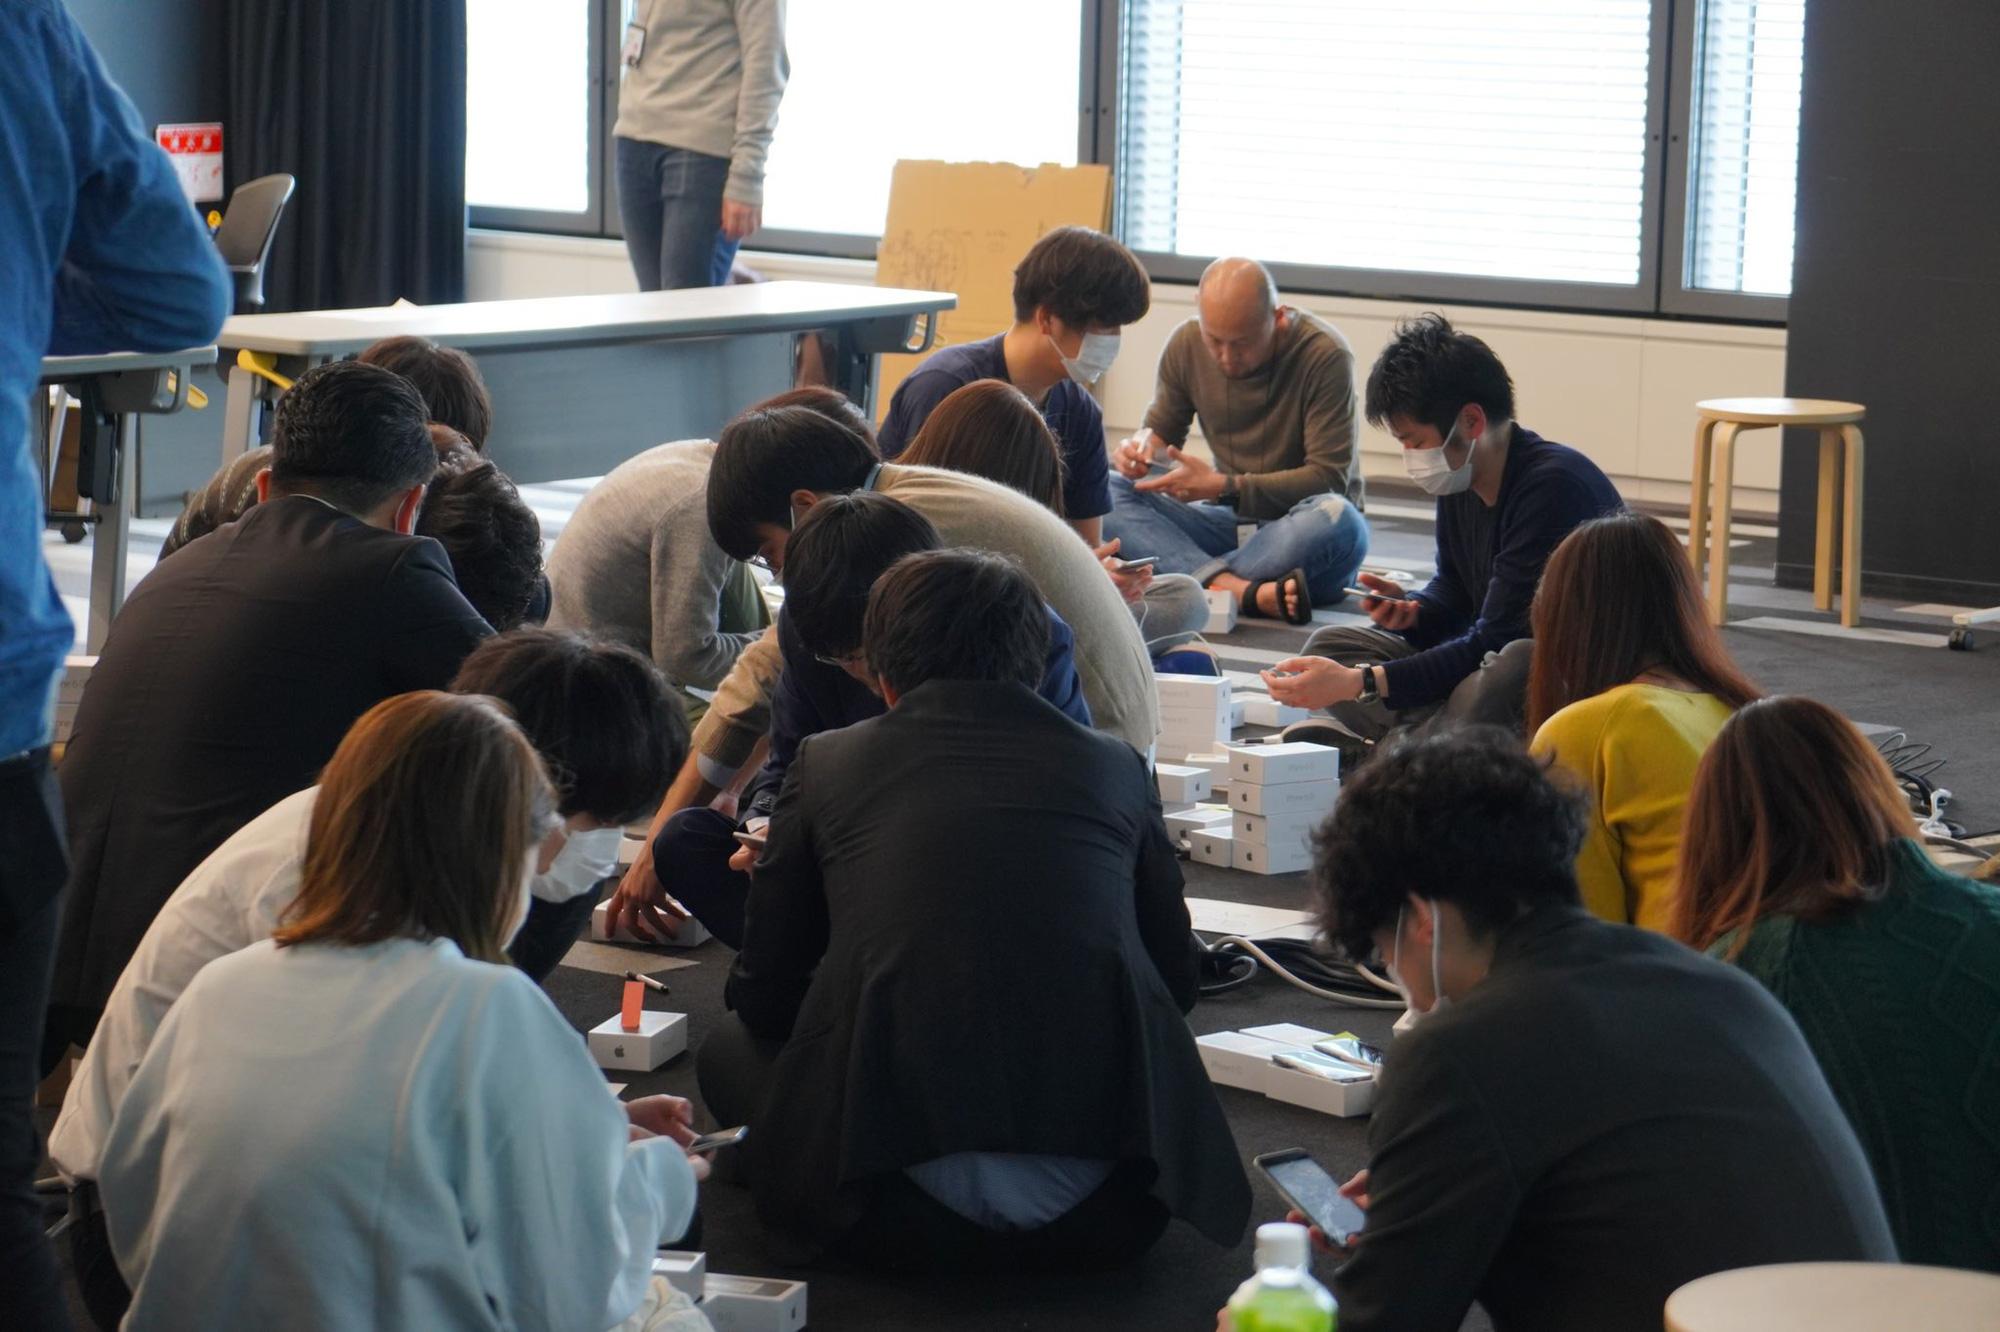 Nhật Bản trao 2.000 chiếc iPhone cho hành khách bị mắc kẹt trên tàu du lịch bị cách ly vì Covid-19 - Ảnh 2.